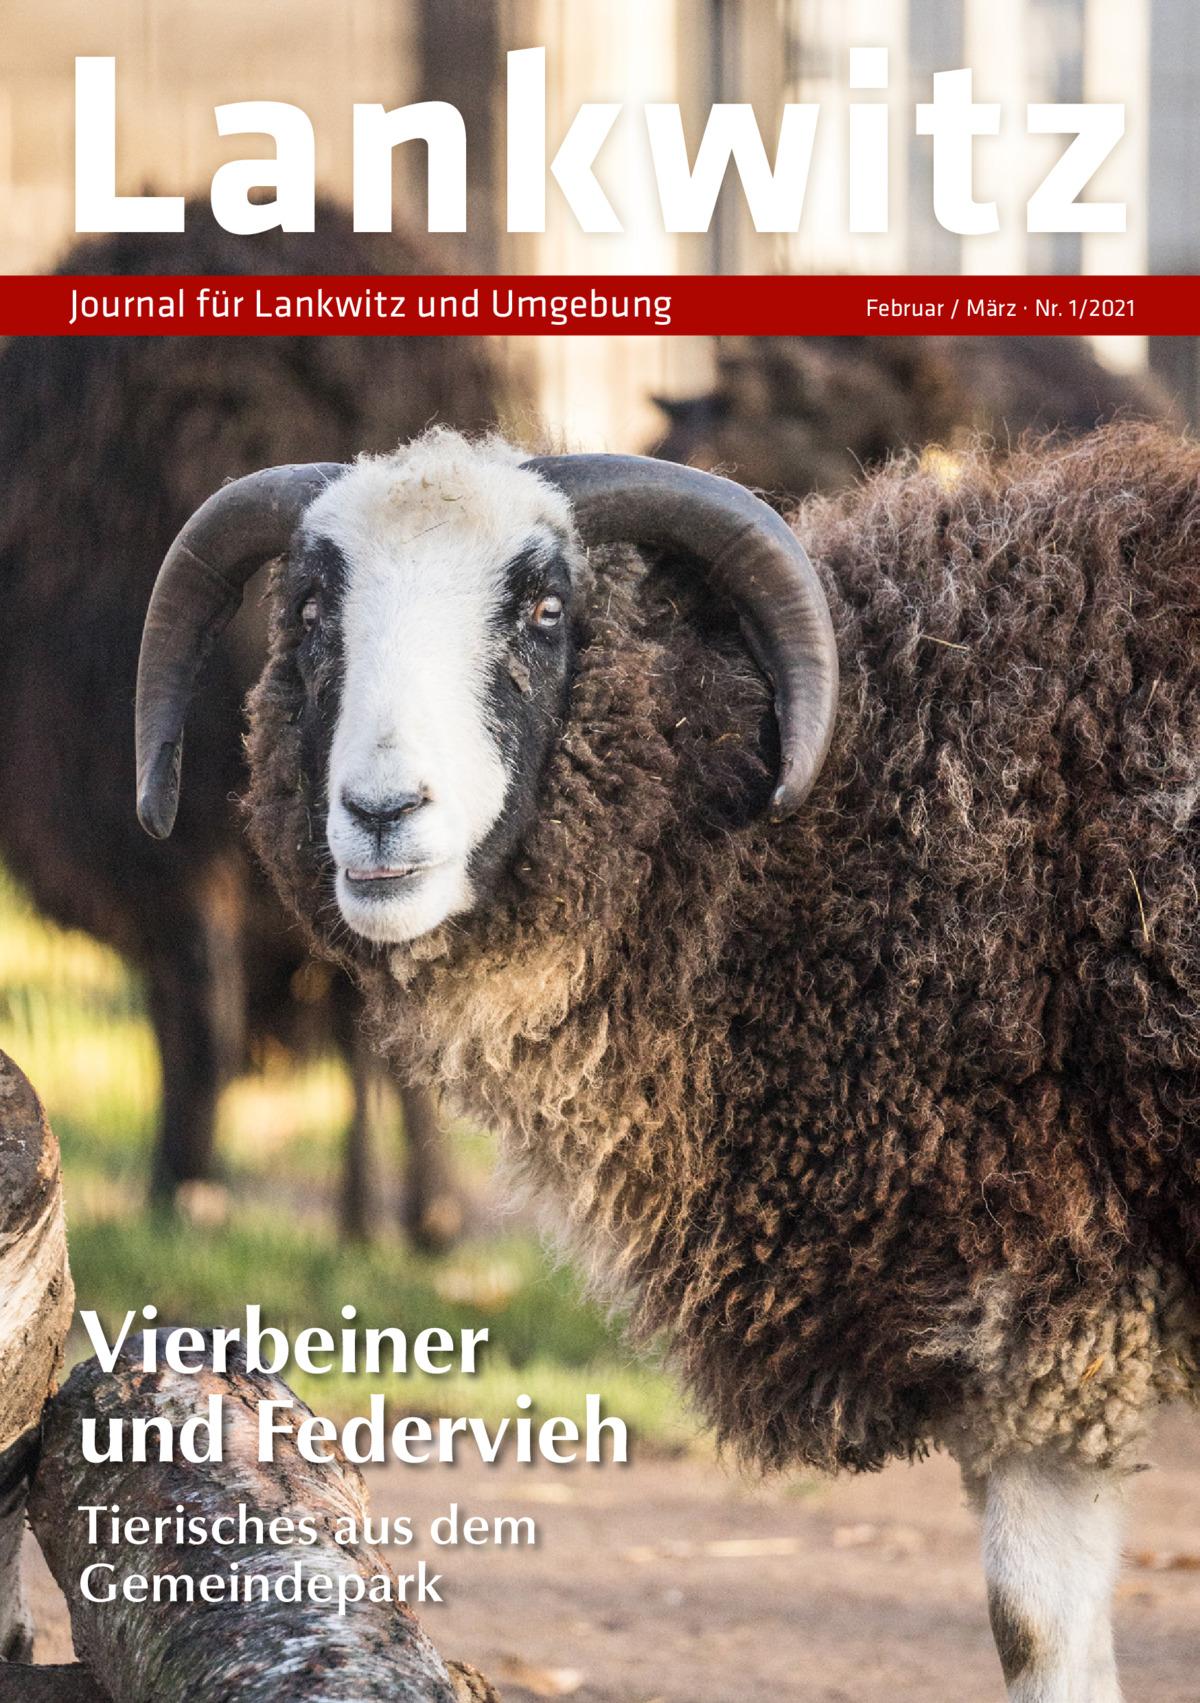 Lankwitz Journal für Lankwitz und Umgebung  Vierbeiner und Federvieh Tierisches aus dem Gemeindepark  Februar / März · Nr. 1/2021